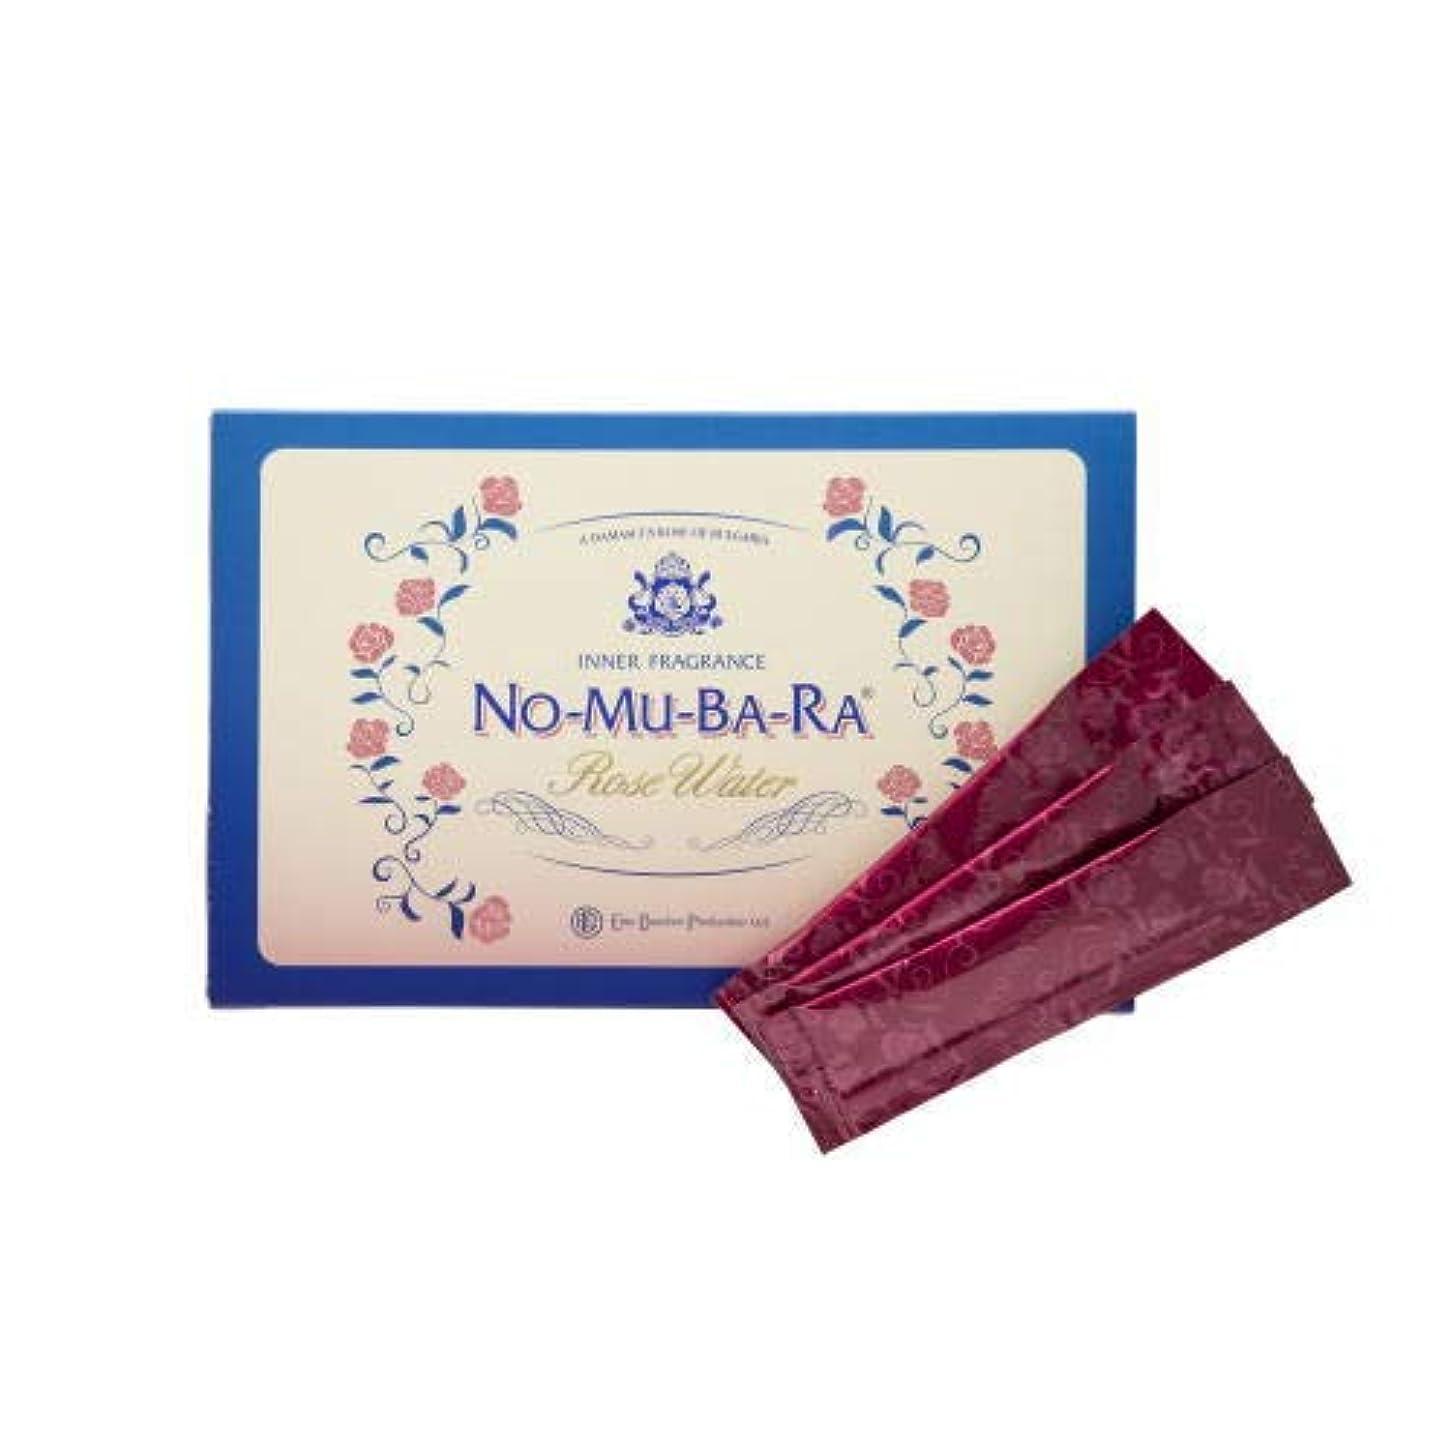 やけどライド交差点NO-MU-BA-RA NO-MU-BA-RA(ノムバラ)(35包入)×2箱【モンドセレクション受賞】